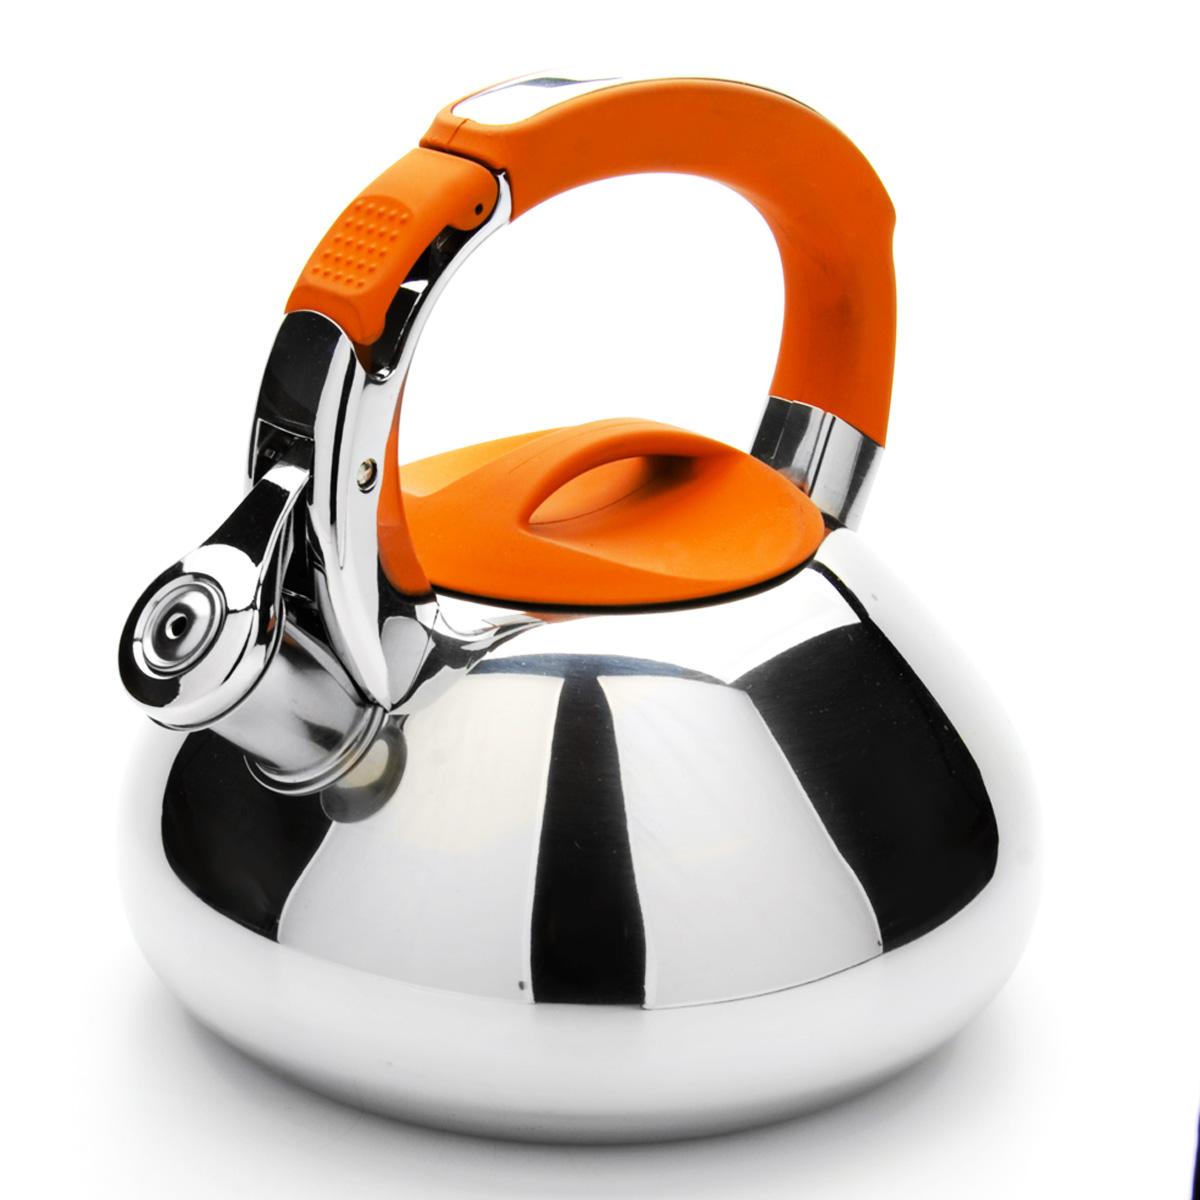 """Чайник """"Mayer & Boch"""" выполнен из высококачественной нержавеющей стали,   что обеспечивает долговечность использования. Внешнее зеркальное  покрытие придает приятный внешний вид. Фиксированная ручка из нейлона делает использование чайника очень удобным и безопасным. Чайник   снабжен свистком и устройством для открывания носика, которое находится на ручке.   Можно мыть в посудомоечной машине. Пригоден для всех видов плит, включая индукционные. Высота чайника (без учета крышки и ручки): 10 см. Диаметр основания: 16,5 см."""